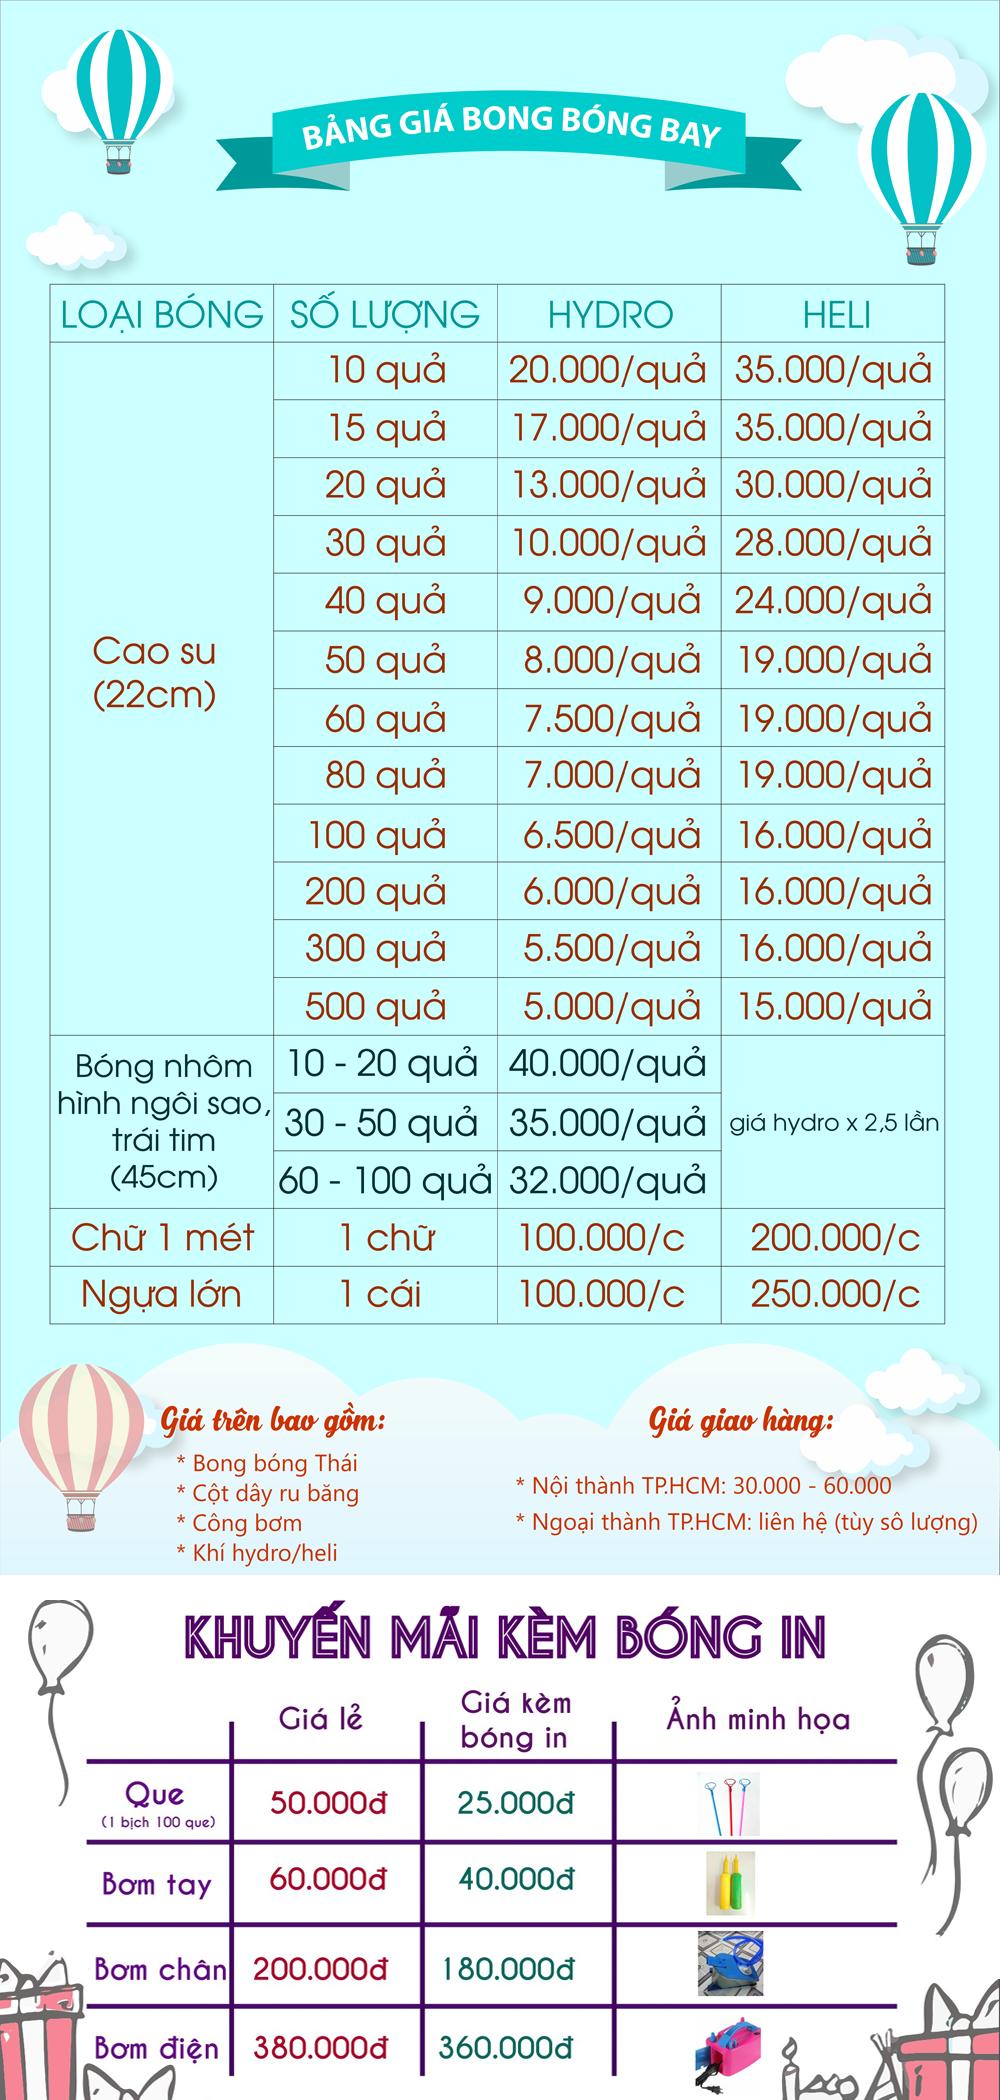 Giá bong bóng bay: